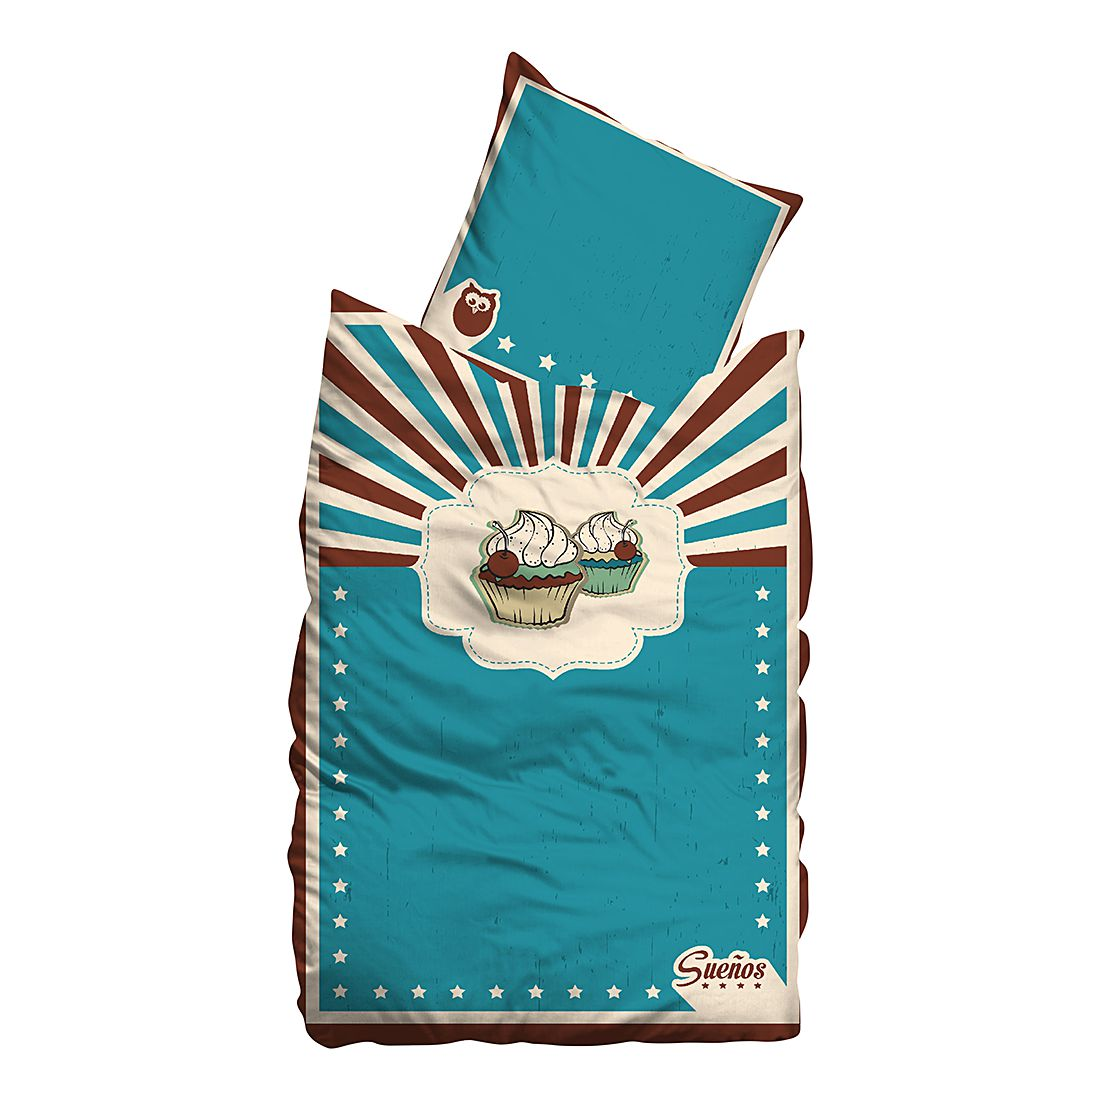 Home 24 - Draps de lit linon cupcakes - turquoise - 135 x 200 cm + coussin 80 x 80 cm, suenos